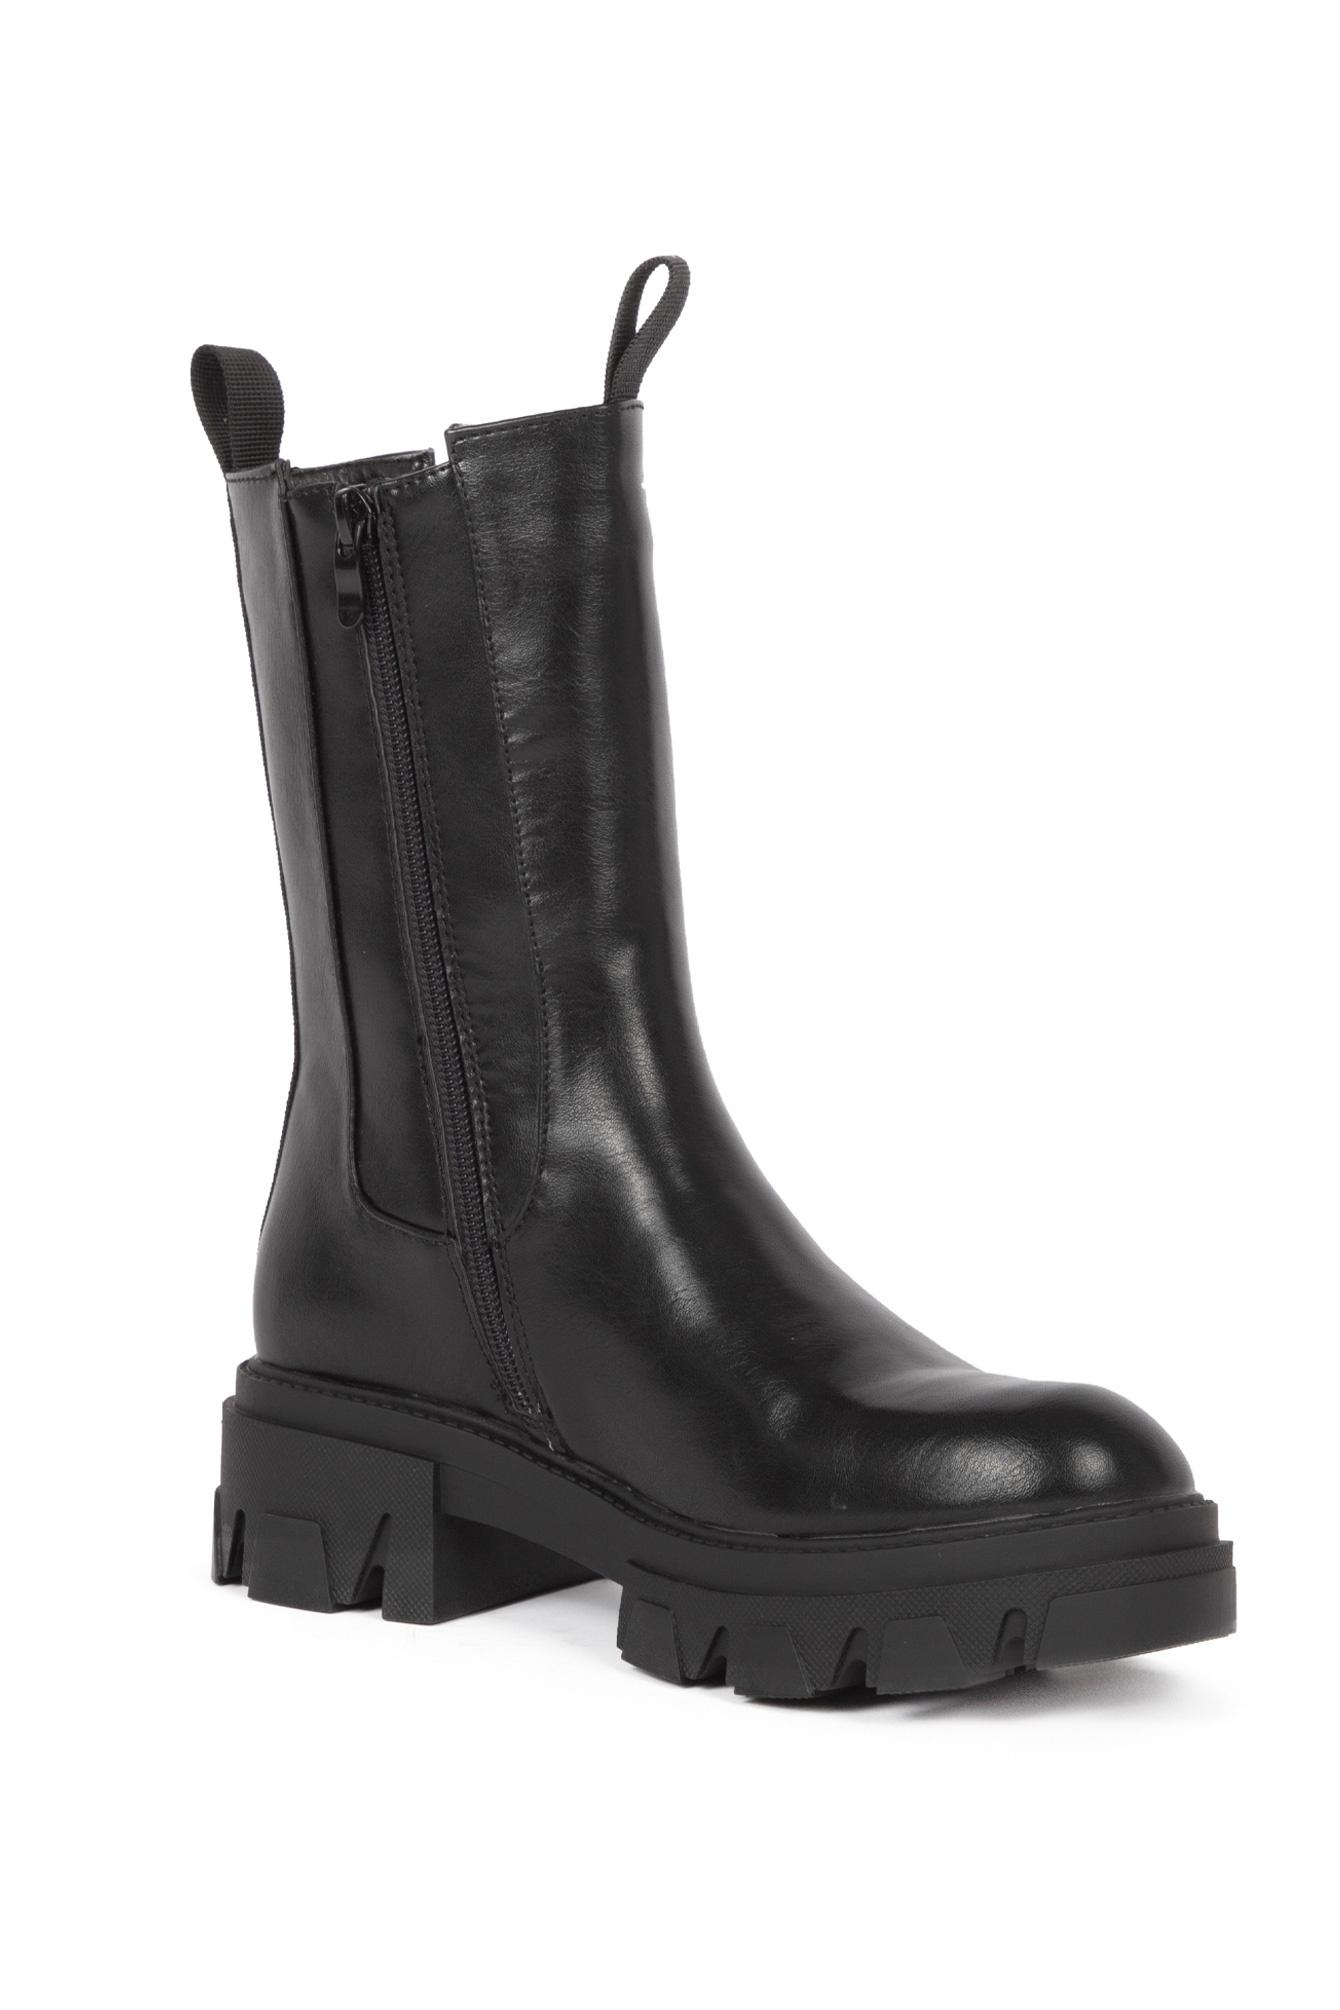 Boots Jess black